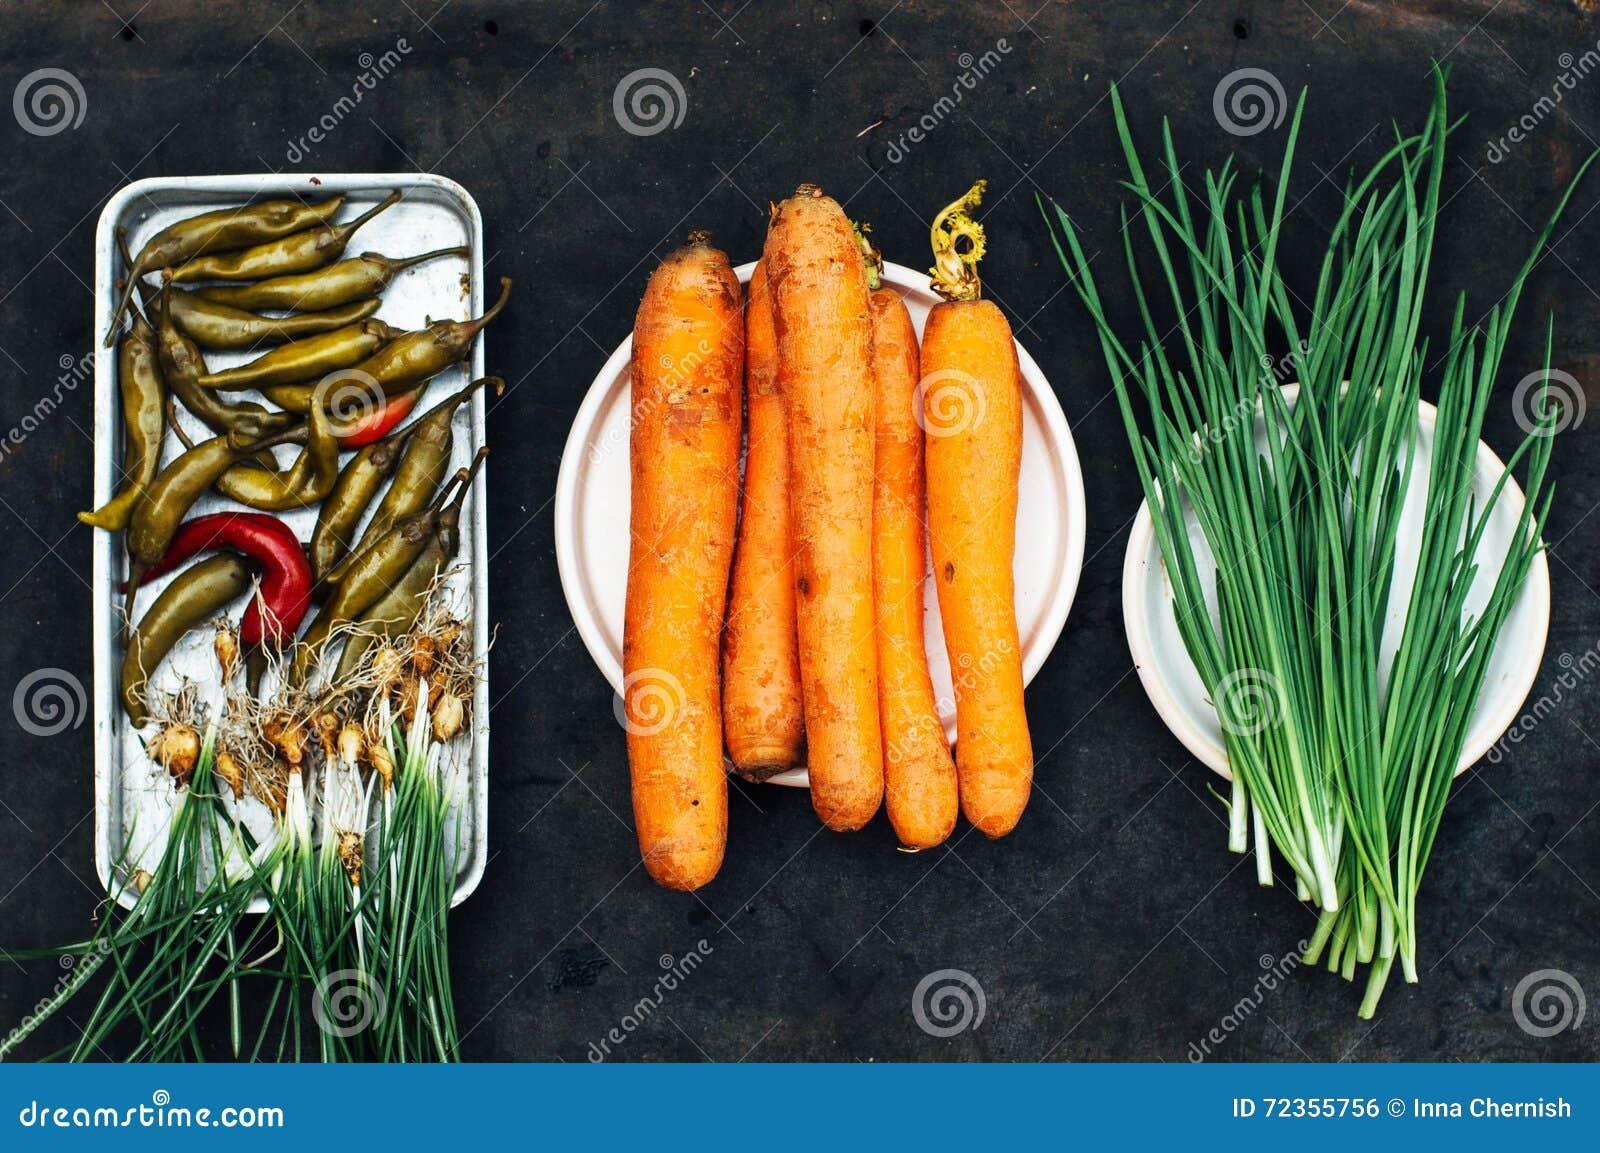 葱,甜菜,胡椒,大蒜,红萝卜,准备好的圆白菜准备sa